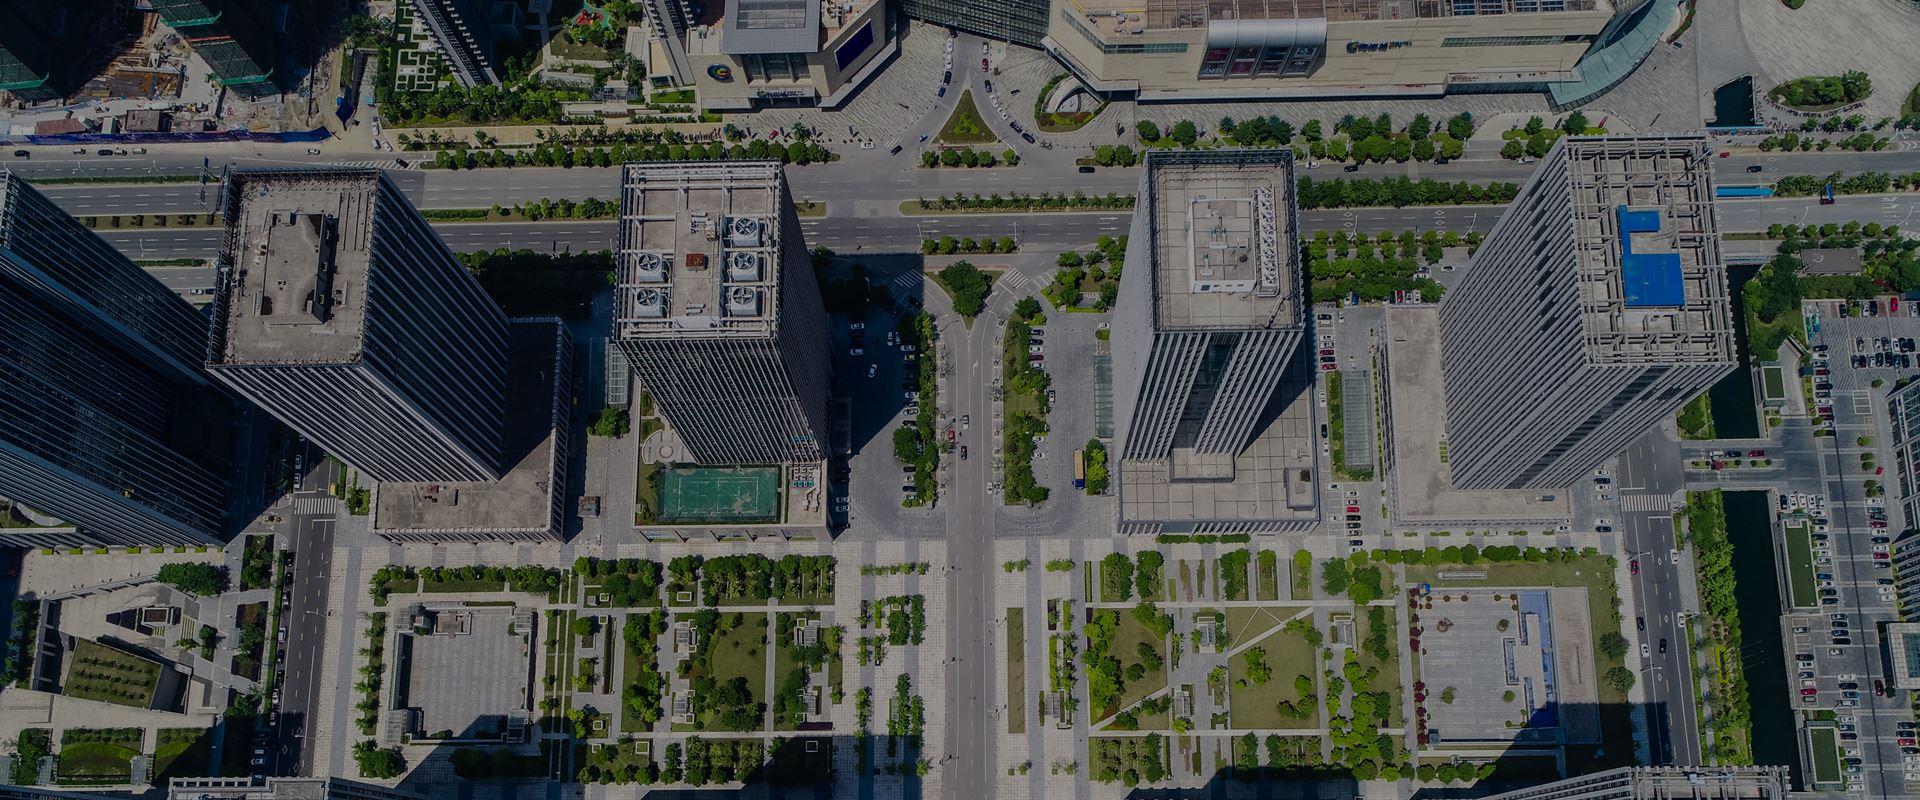 sector inmobiliario 2 - header